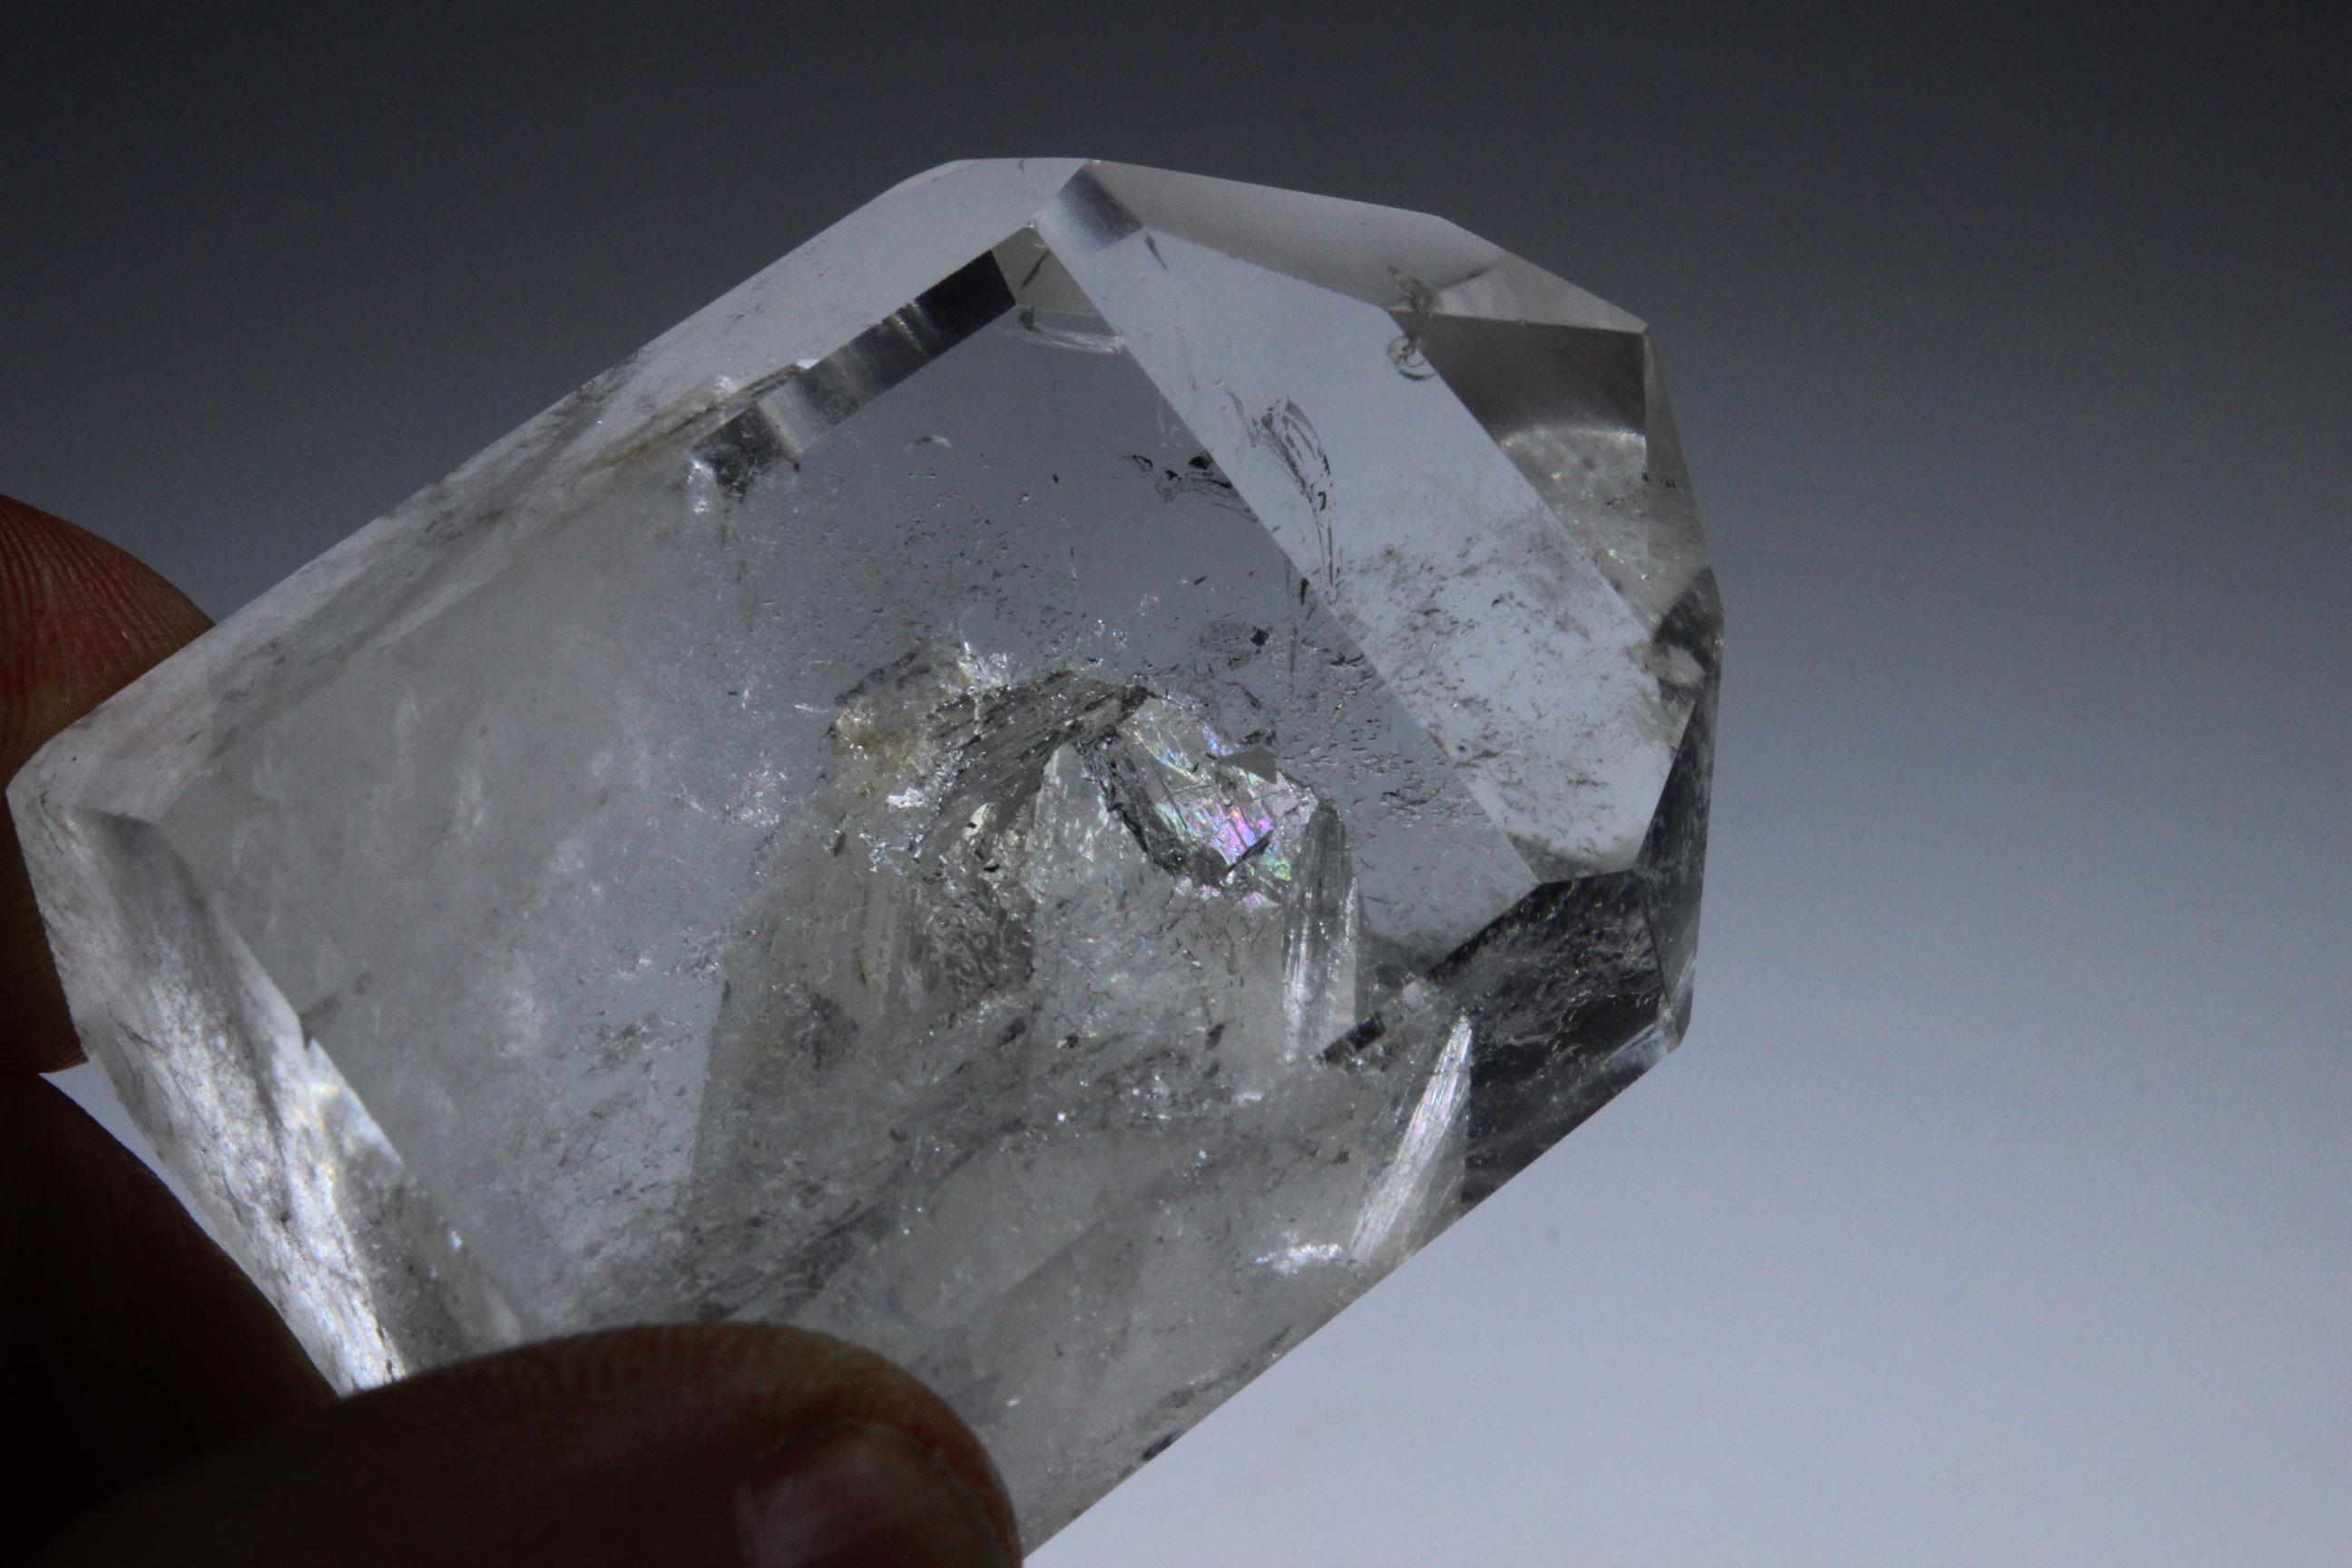 Manifestatie Kwarts - Lichtpuntje Kristallen | 2592 x 1728 jpeg 811kB